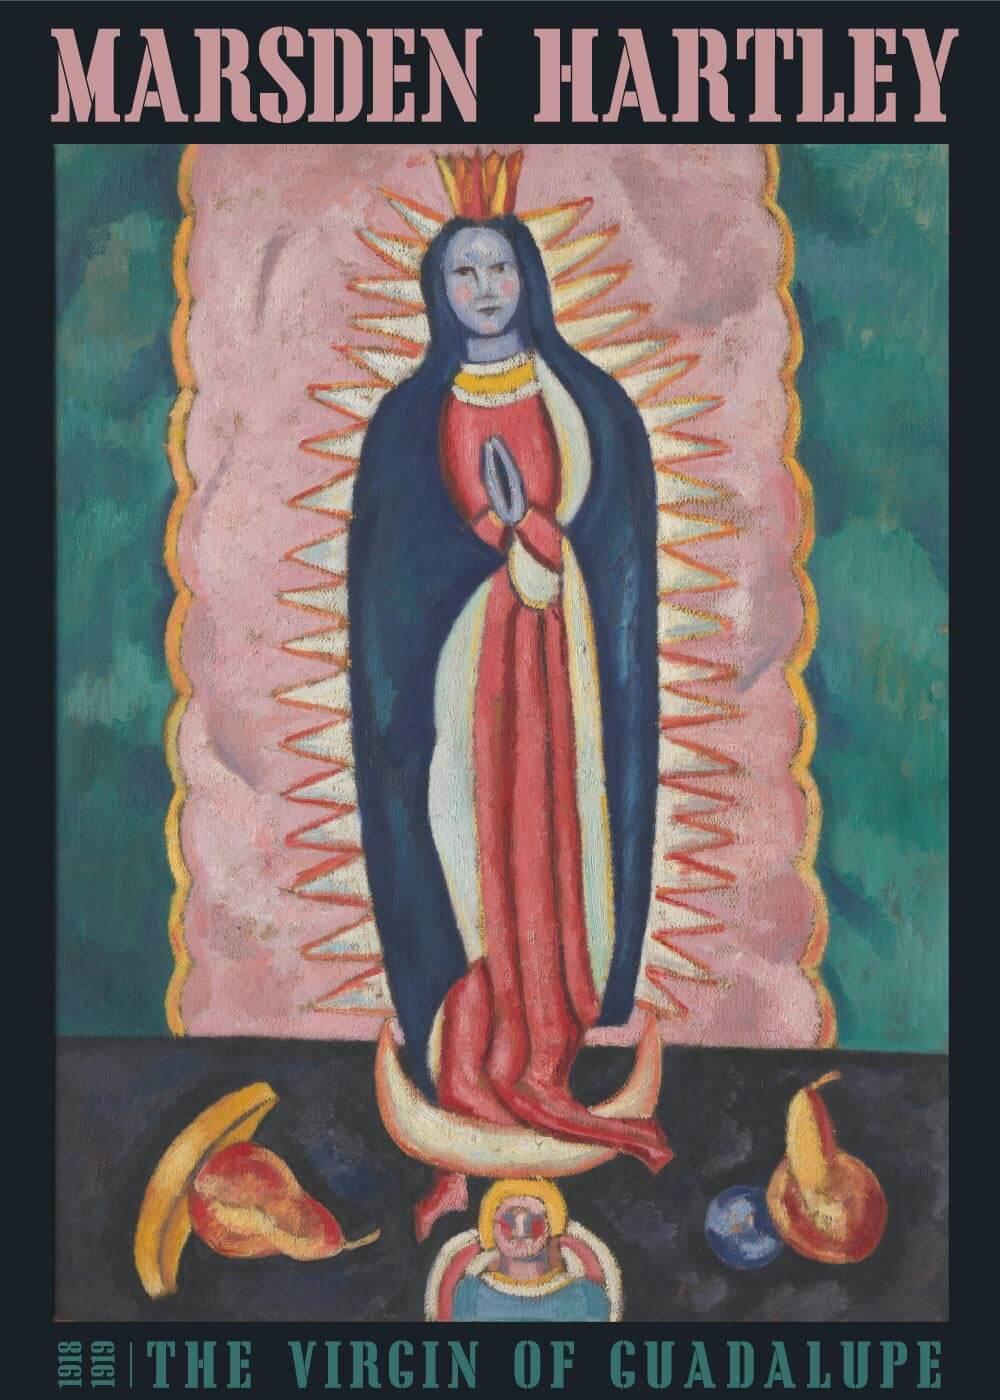 Billede af The virgin of guadalupe - Marsden Hartley